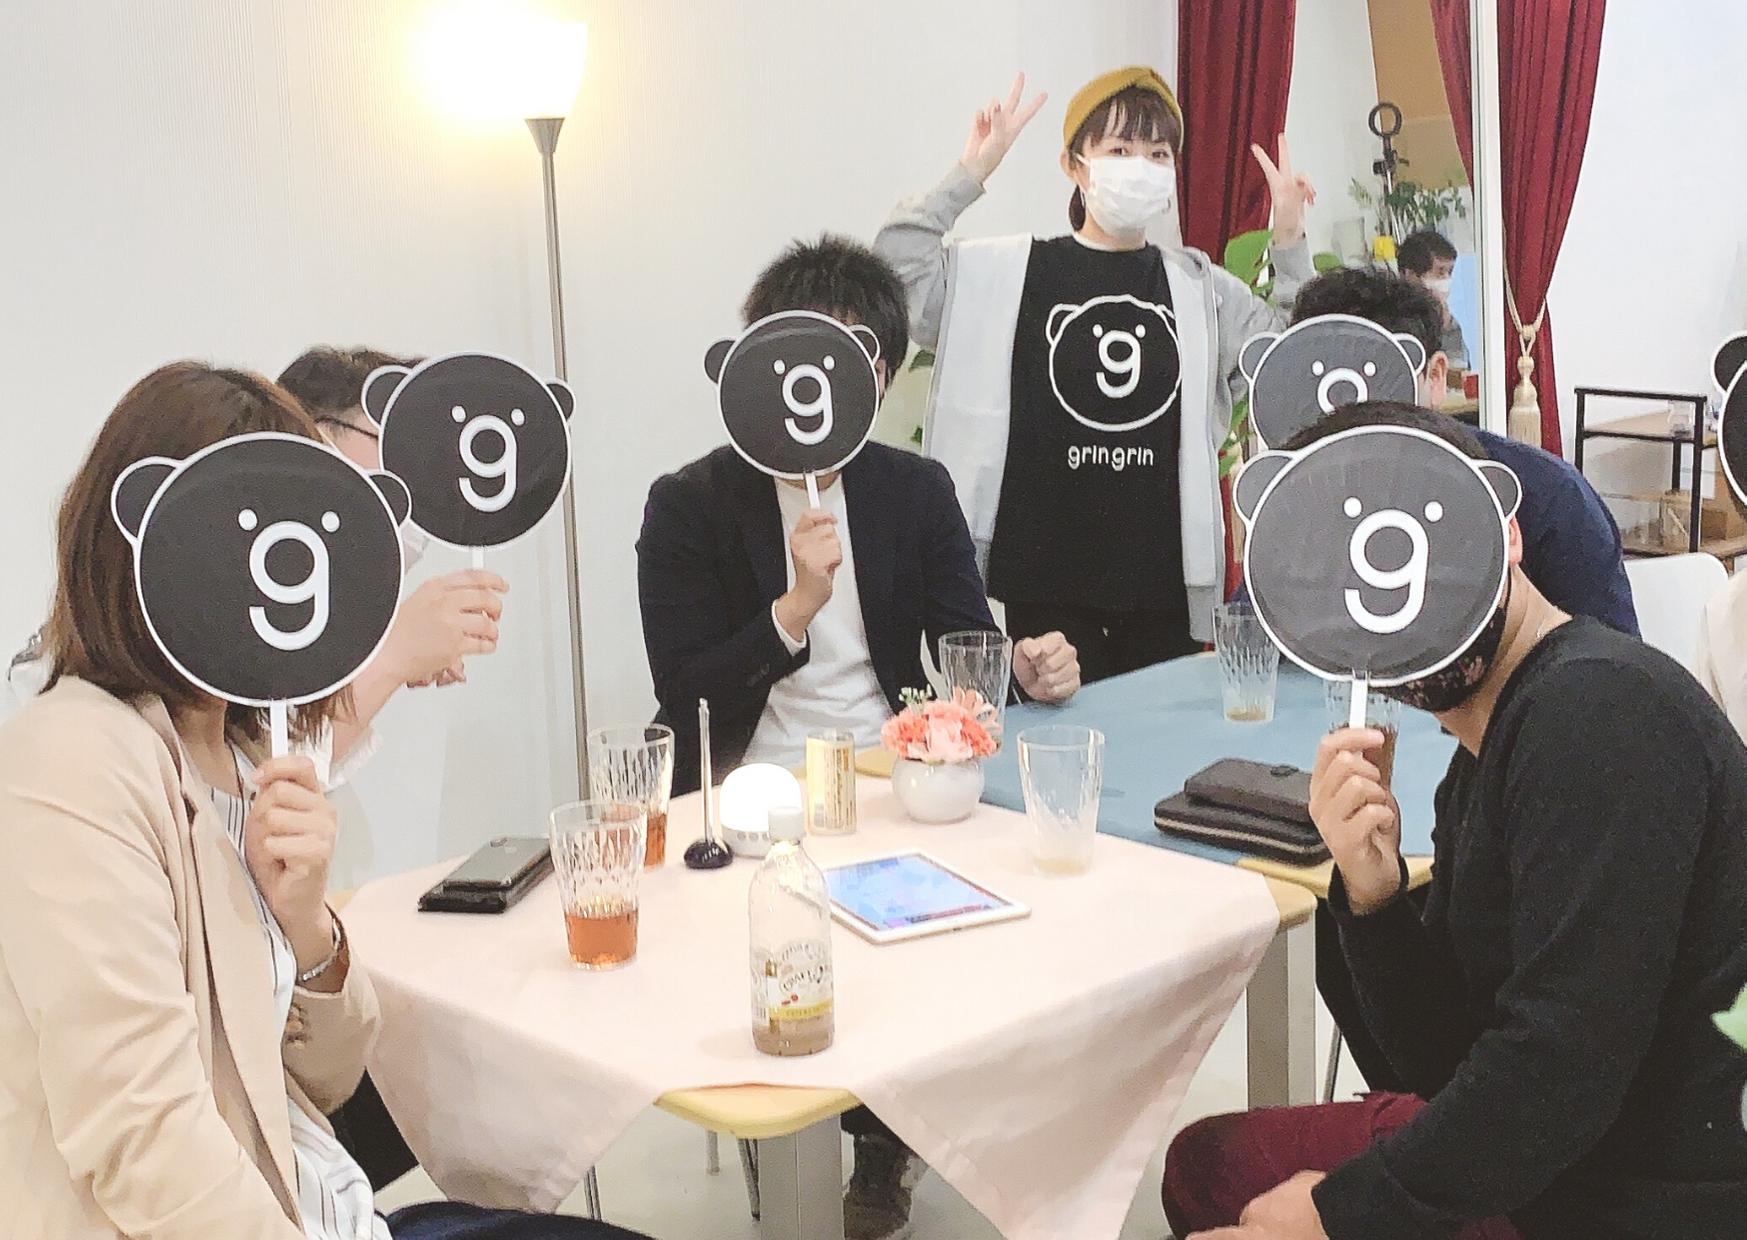 【岡山イベント】6月開催griトモ | 20代、30代中心のイベント開催 | grin grin岡山